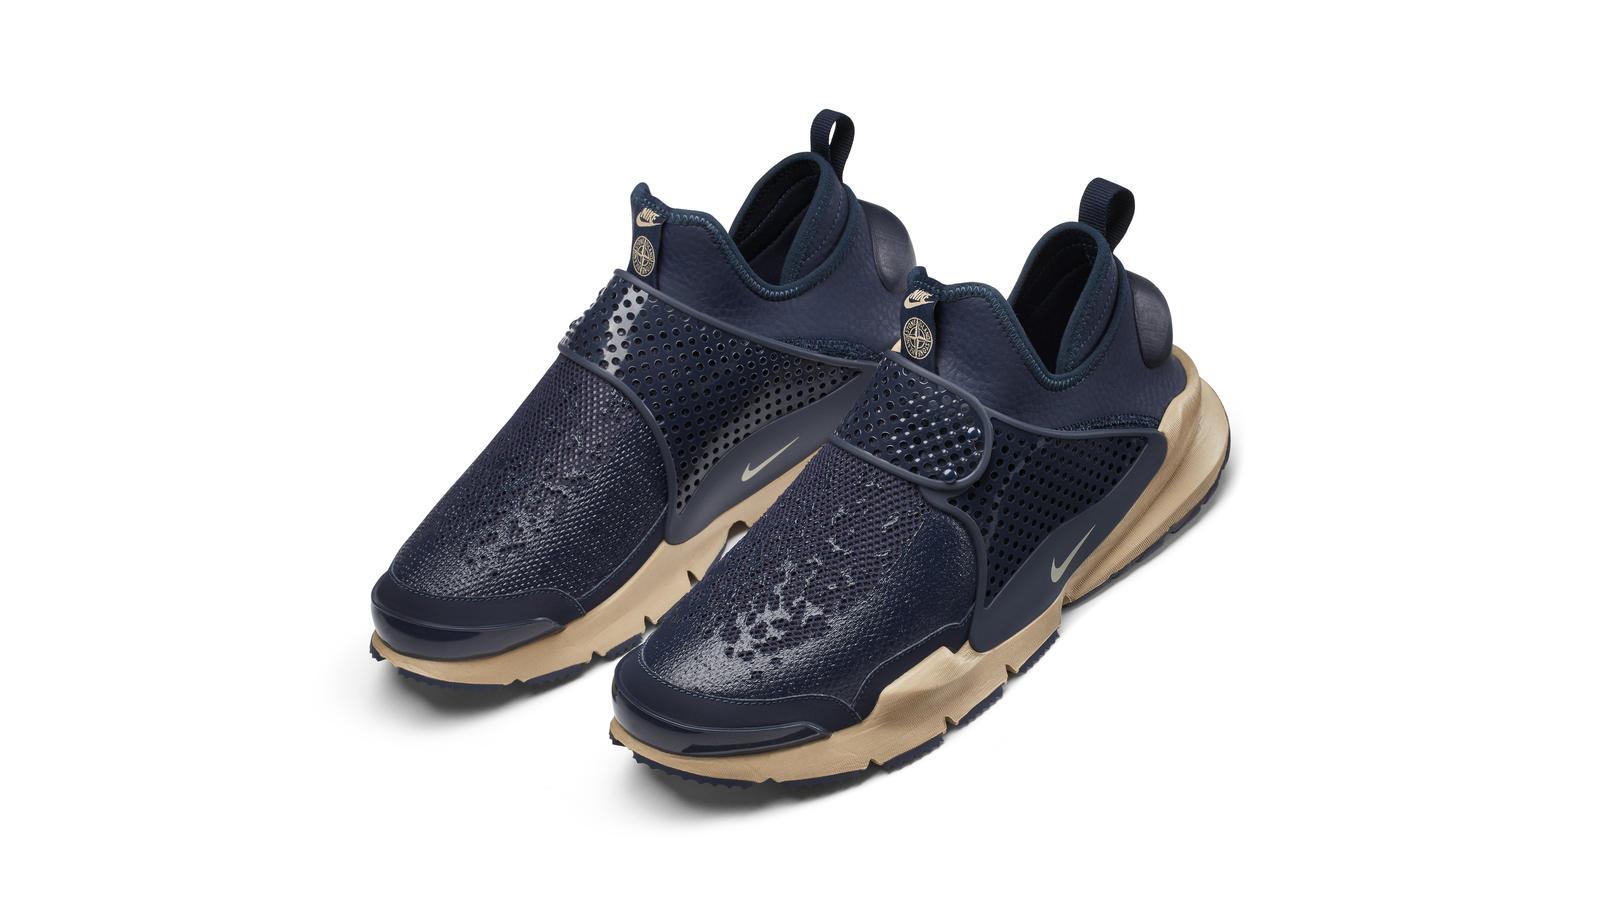 big sale 47977 a71f1 The NikeLab x Stone Island Sock Dart Mid 9